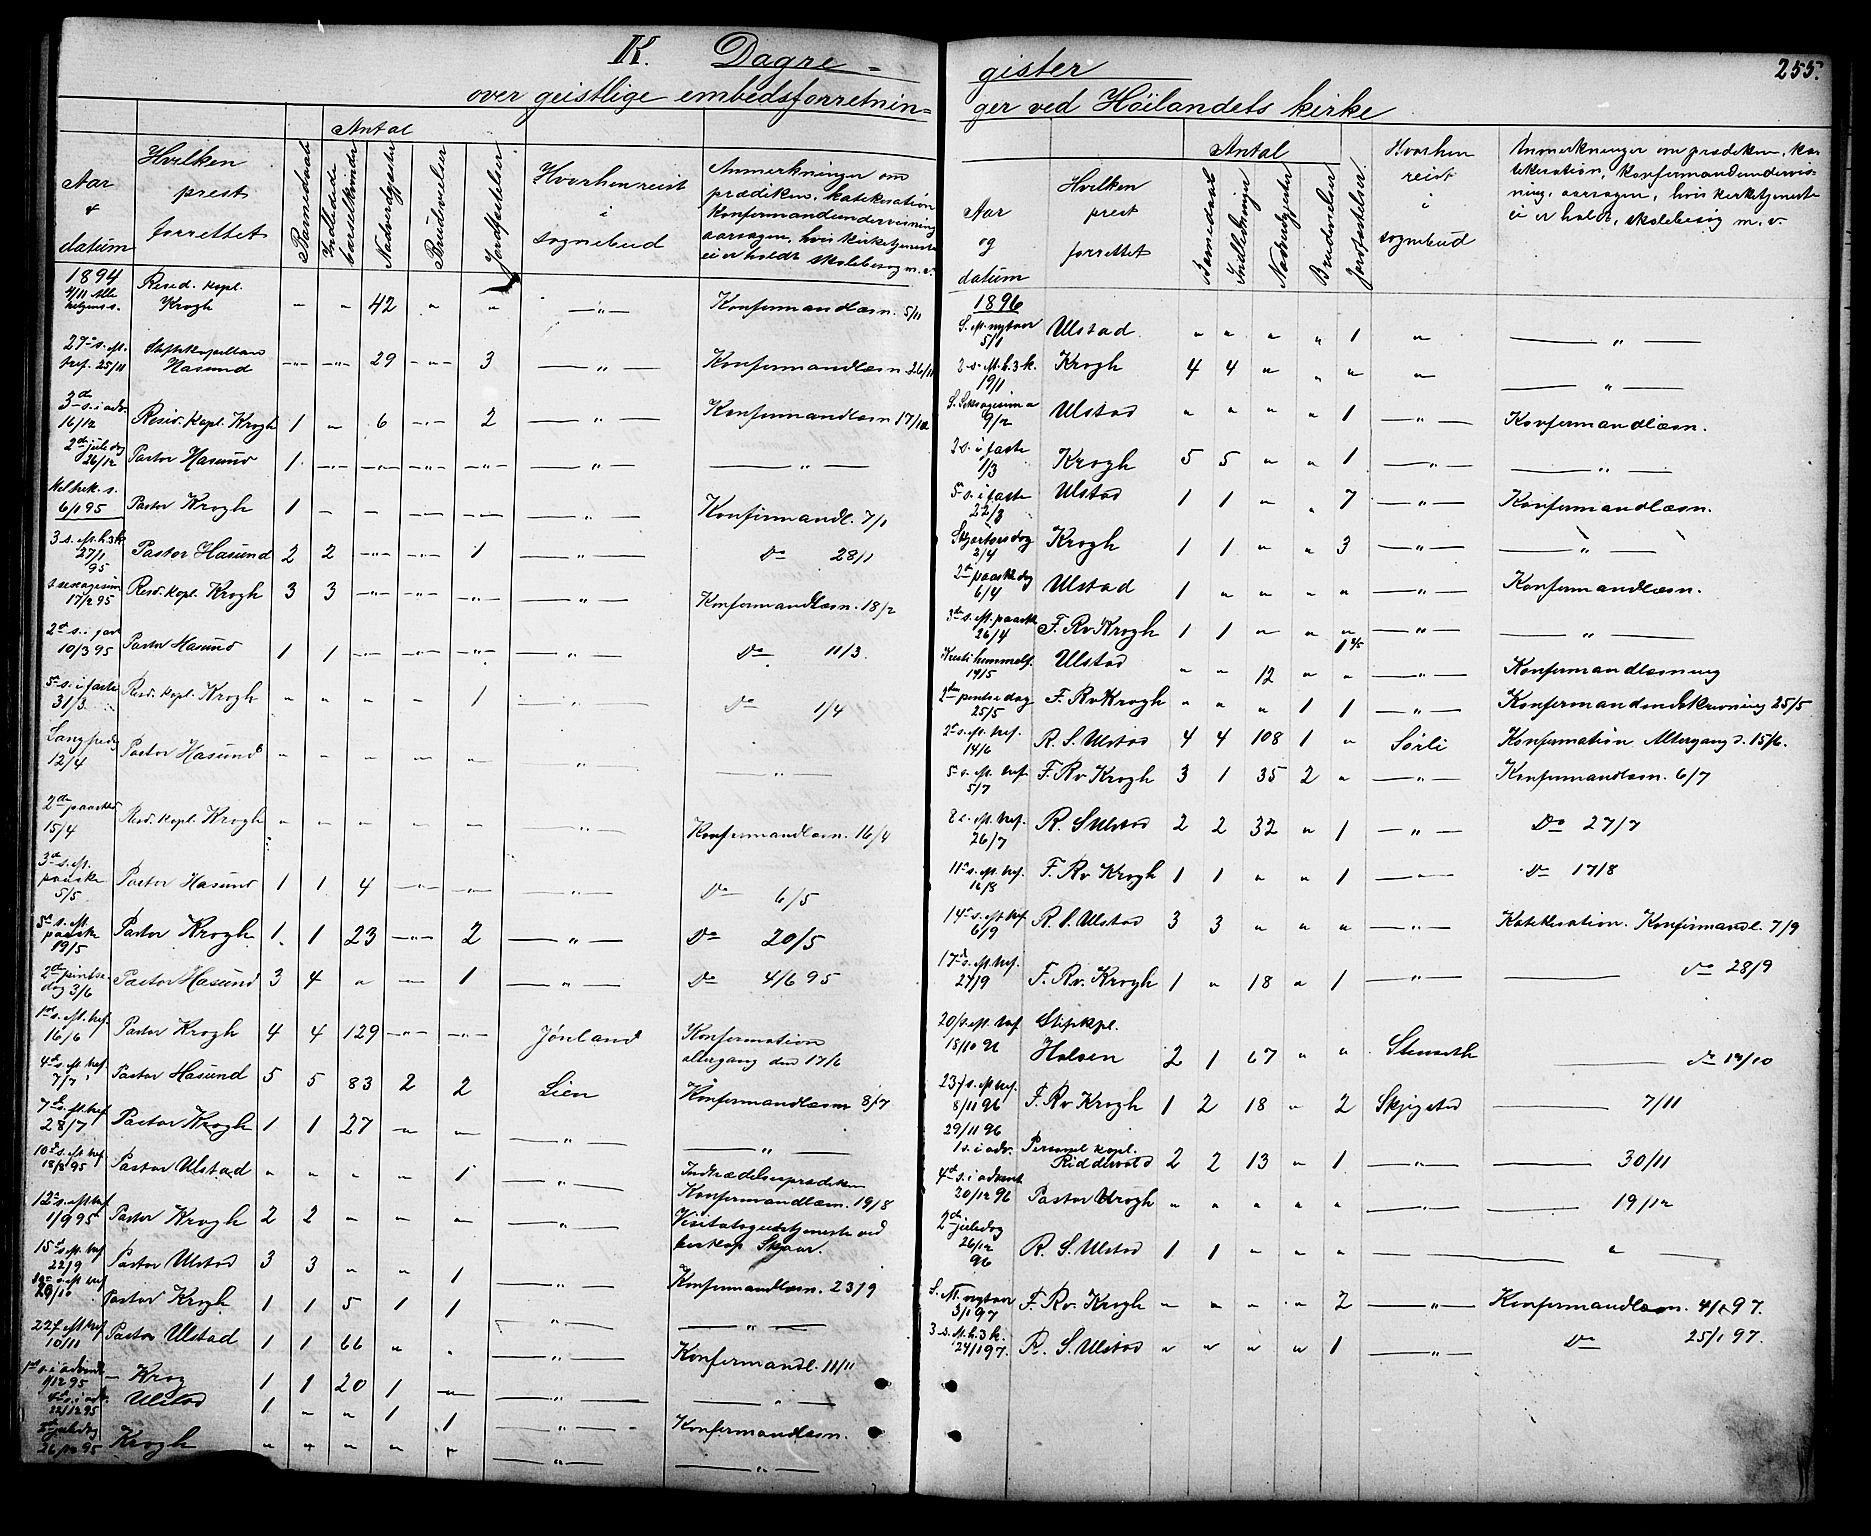 SAT, Ministerialprotokoller, klokkerbøker og fødselsregistre - Sør-Trøndelag, 694/L1132: Klokkerbok nr. 694C04, 1887-1914, s. 255